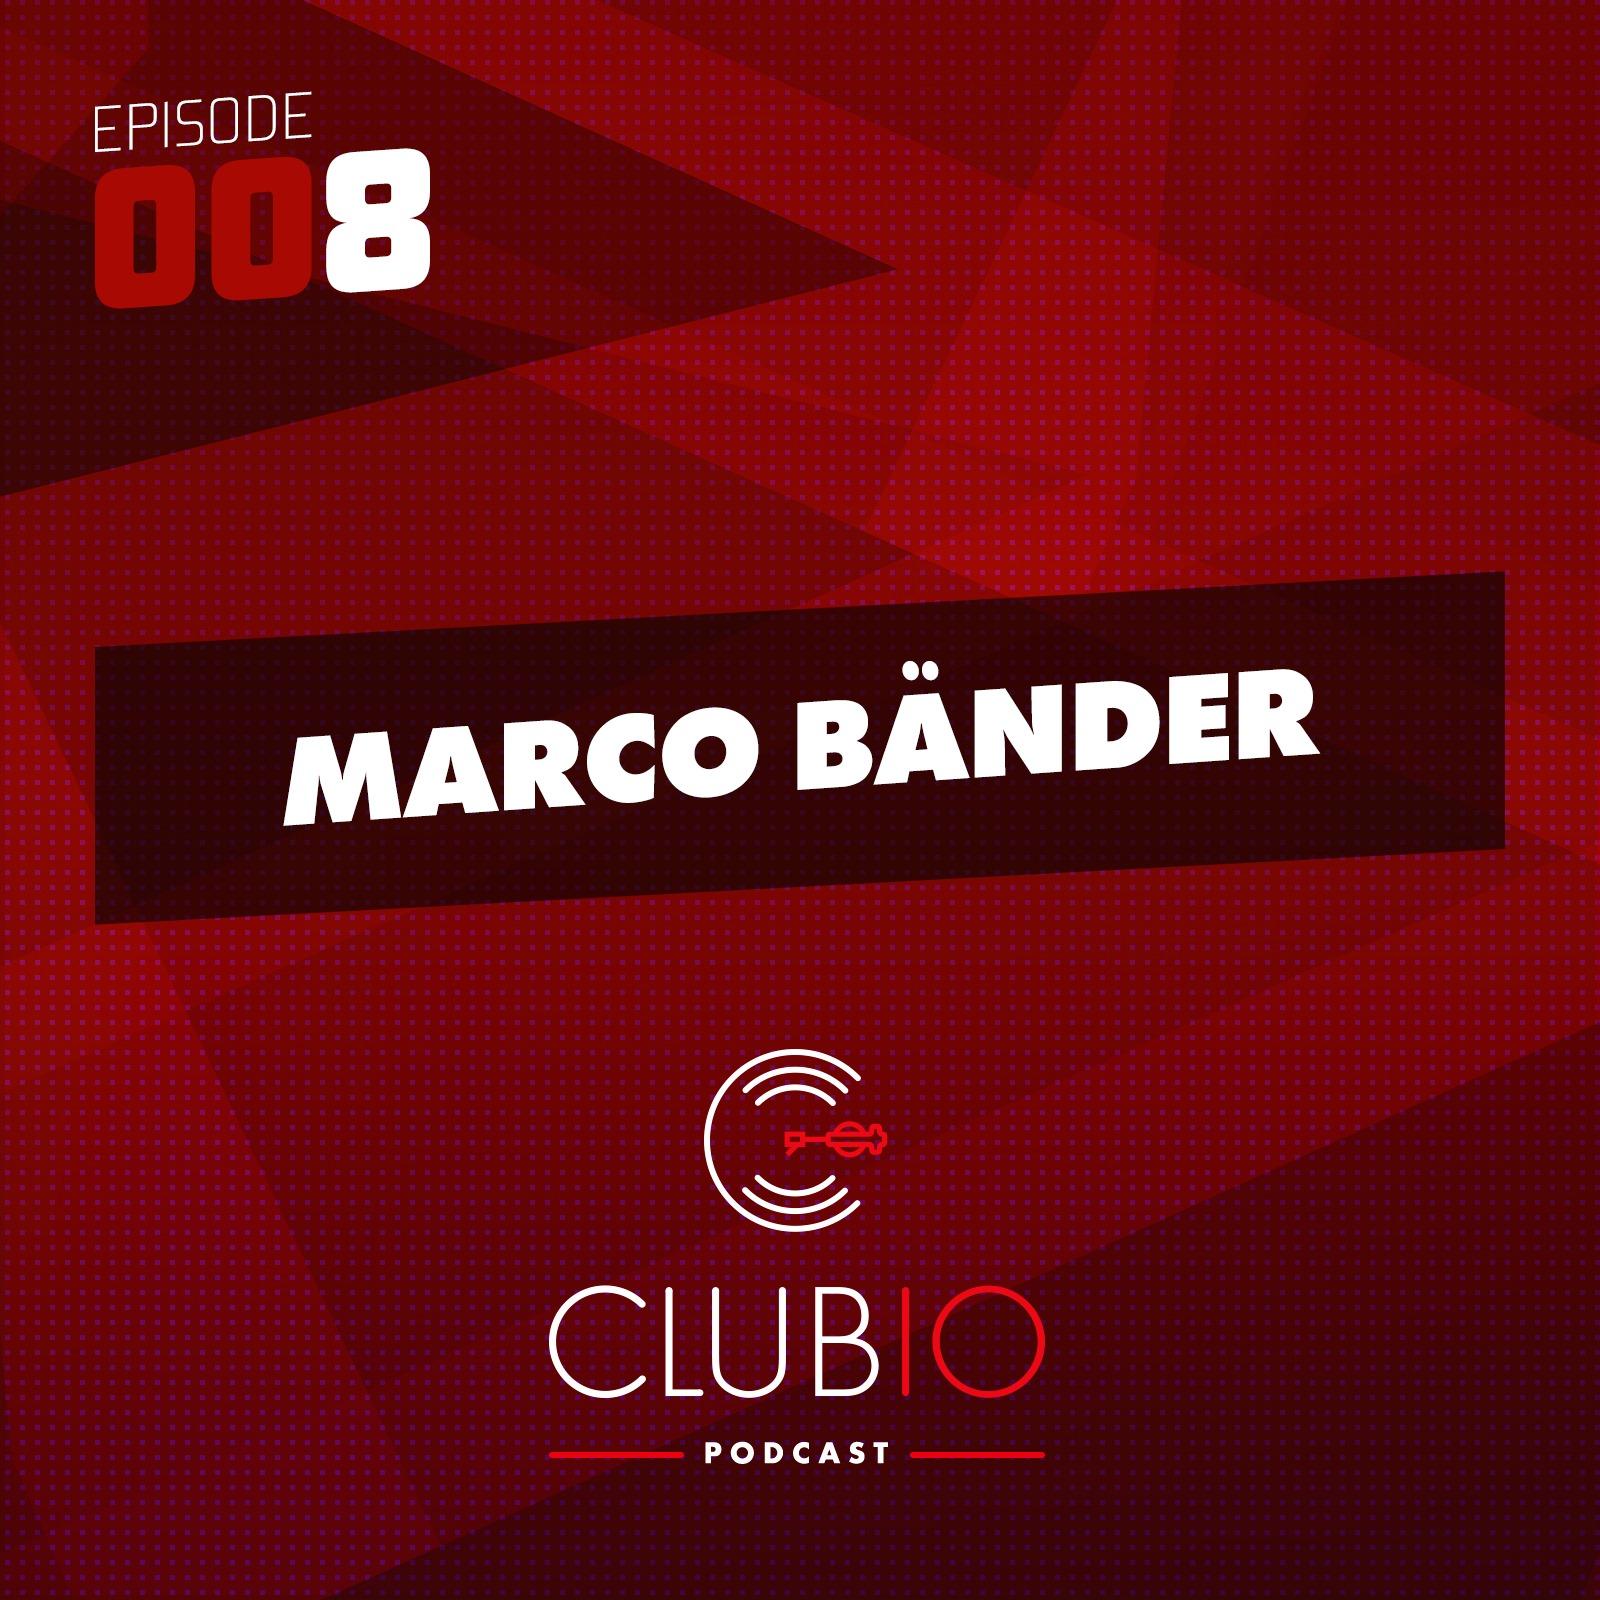 Clubio Podcast 008 - Marco Bänder